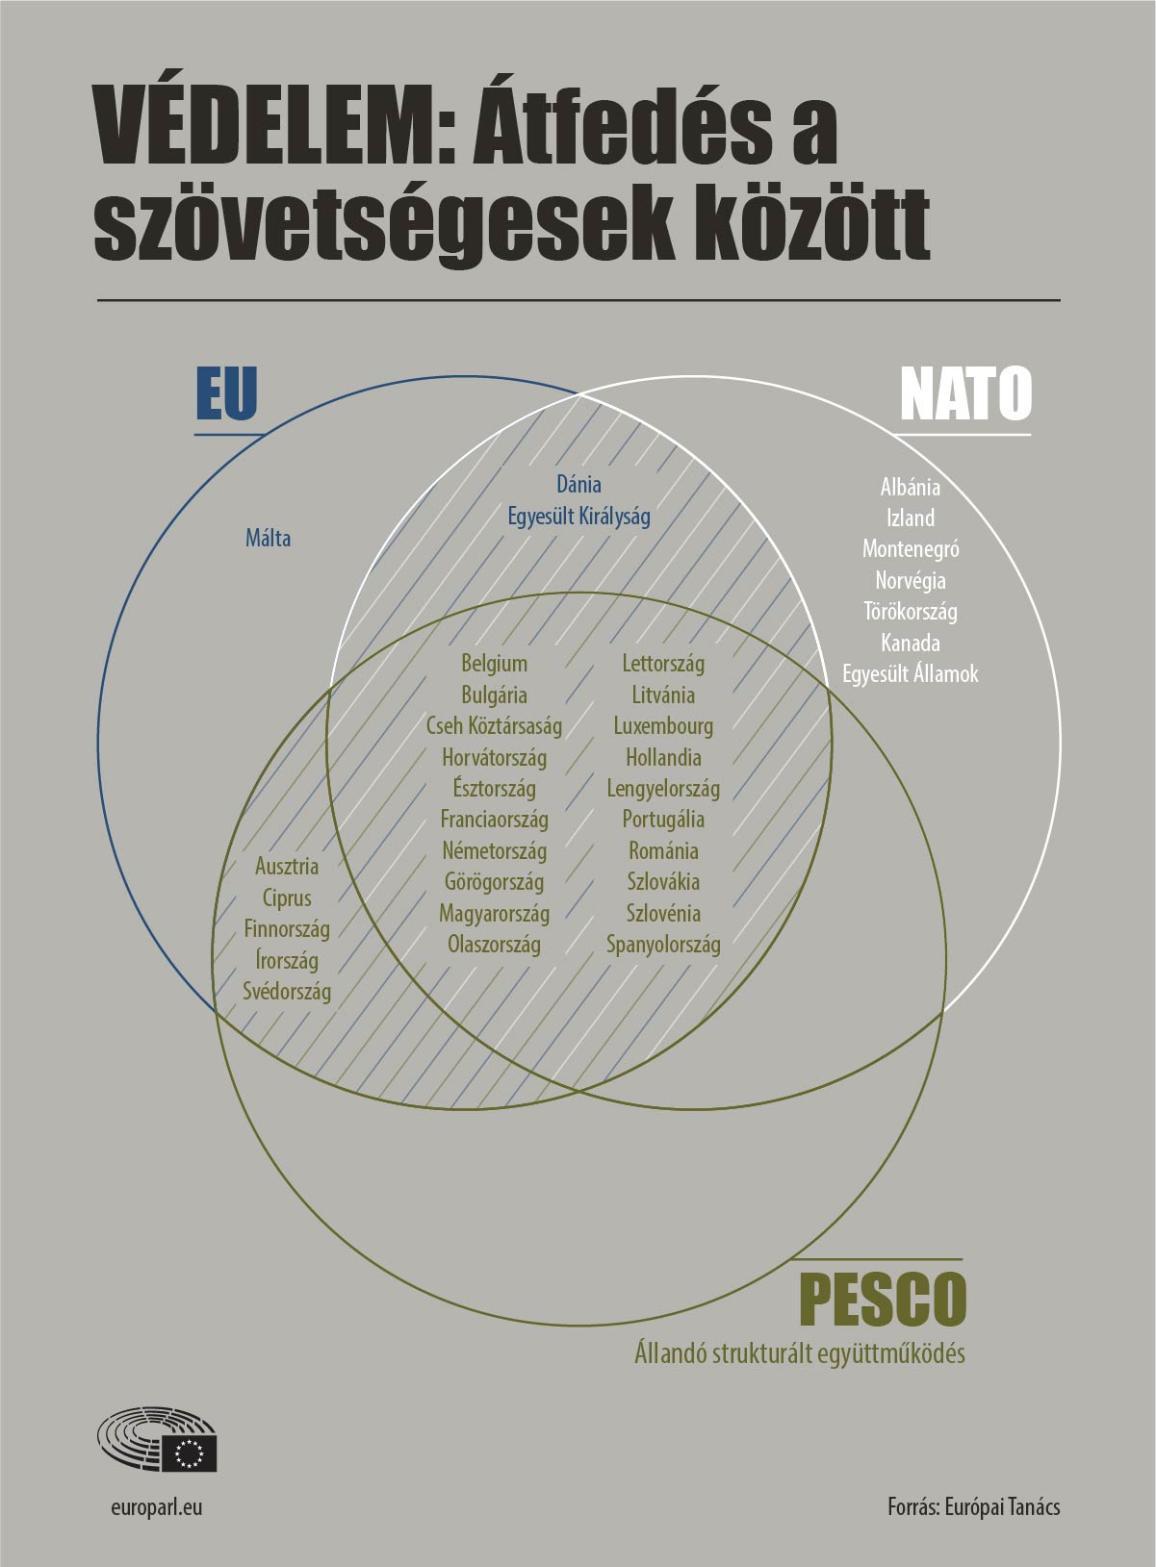 Védelmi együttműködés Európában